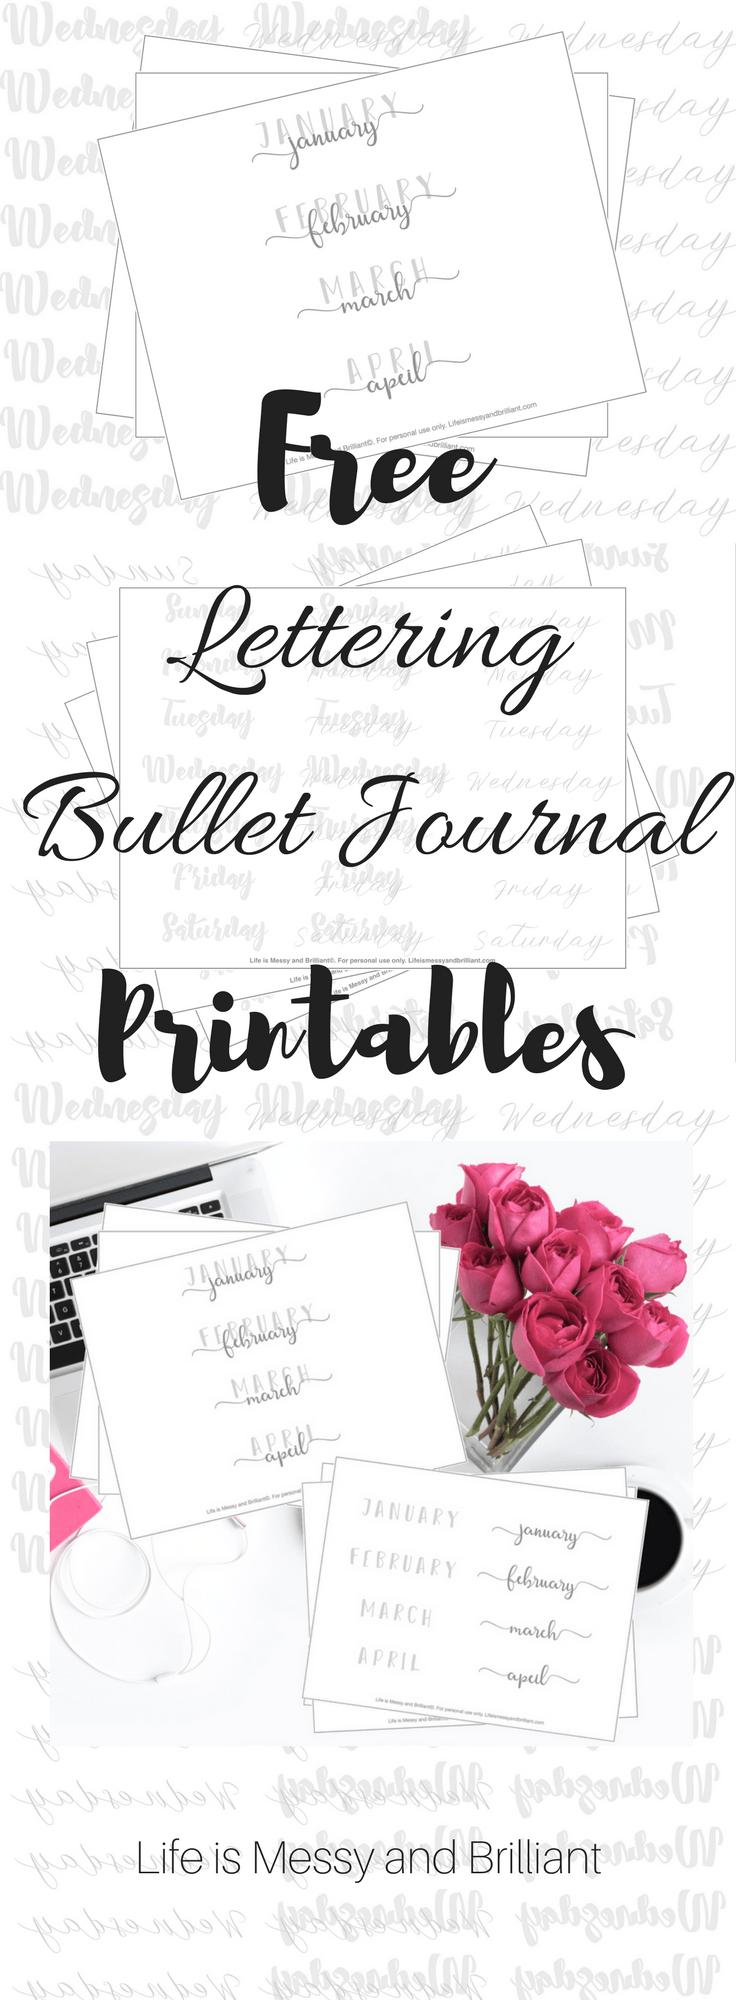 Free Hand Lettering Practice Worksheets Hand Lettering Printables Hand Lettering Hand Lettering Practice [ 2000 x 736 Pixel ]